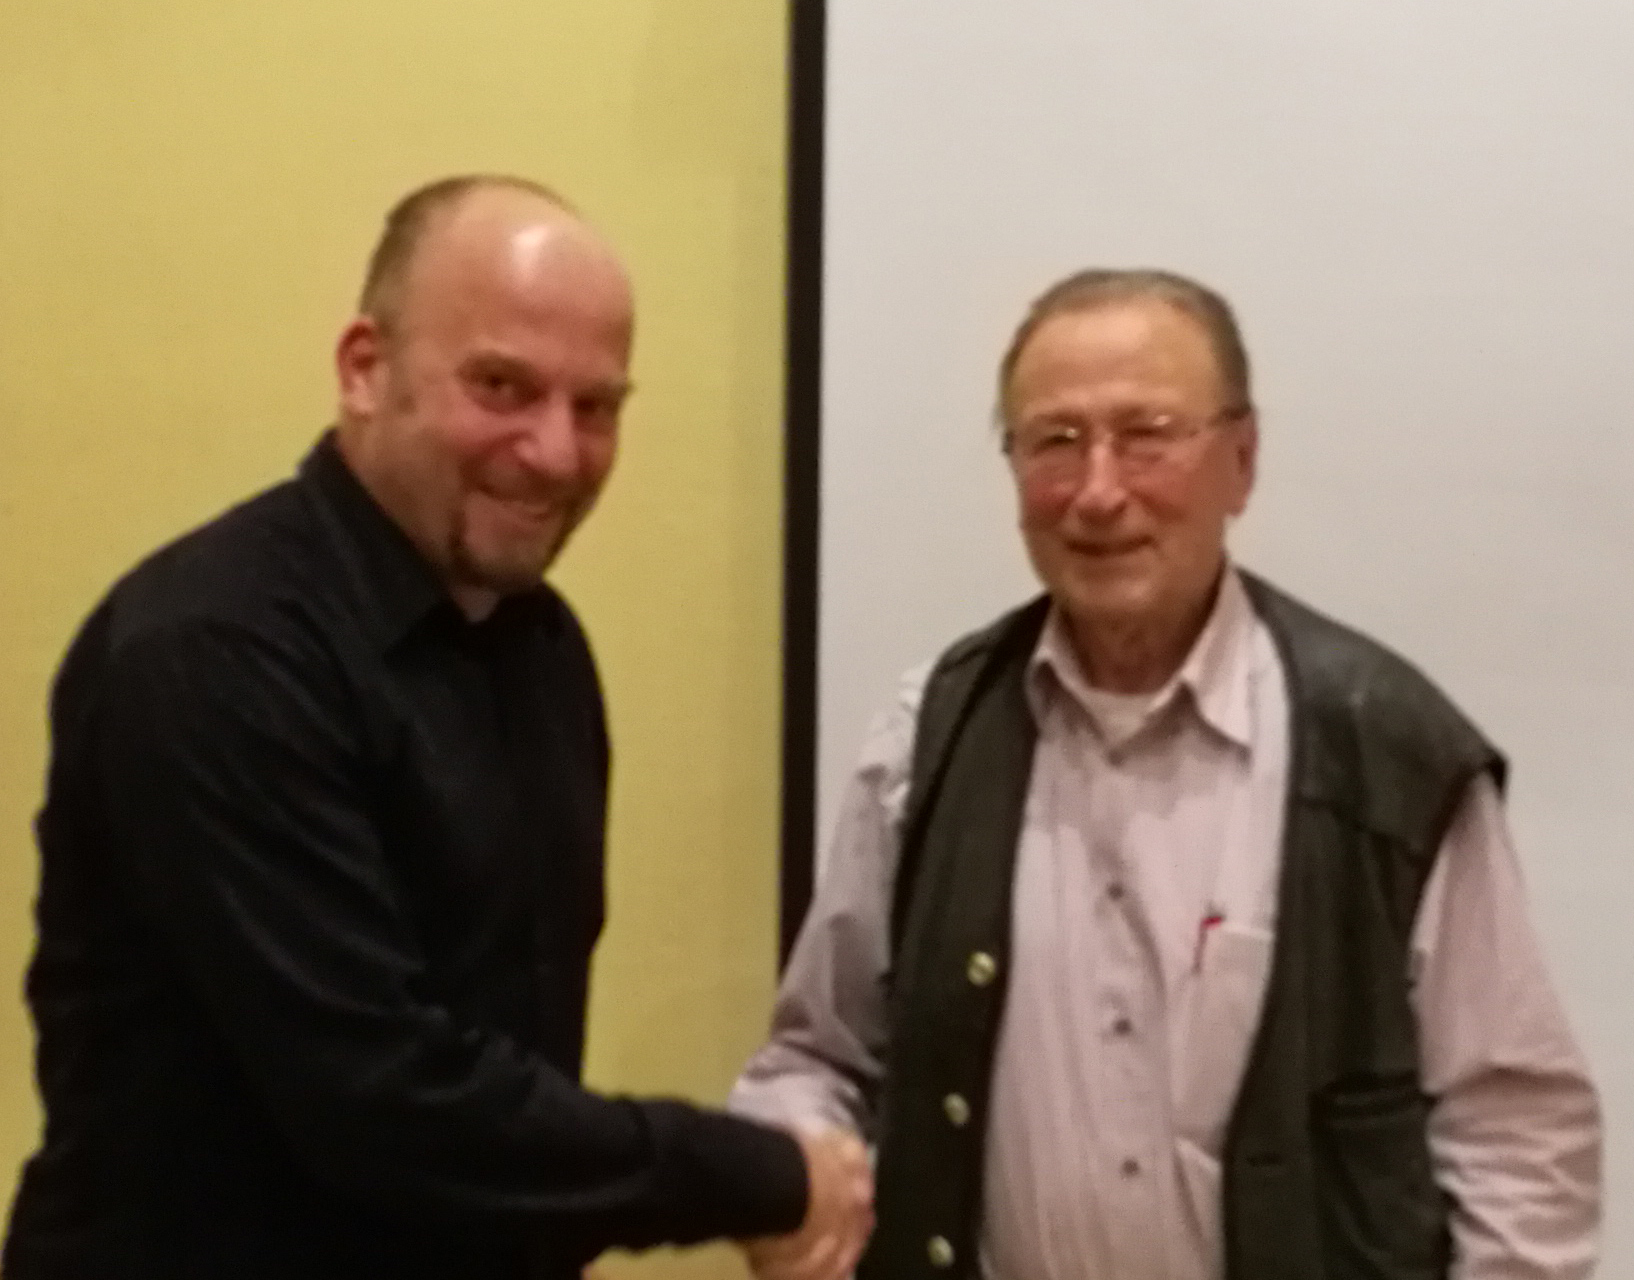 Kalle Engler ist neuer 1. Vorsitzder der Sportfreunde Grande-Kuddewörde e.V.